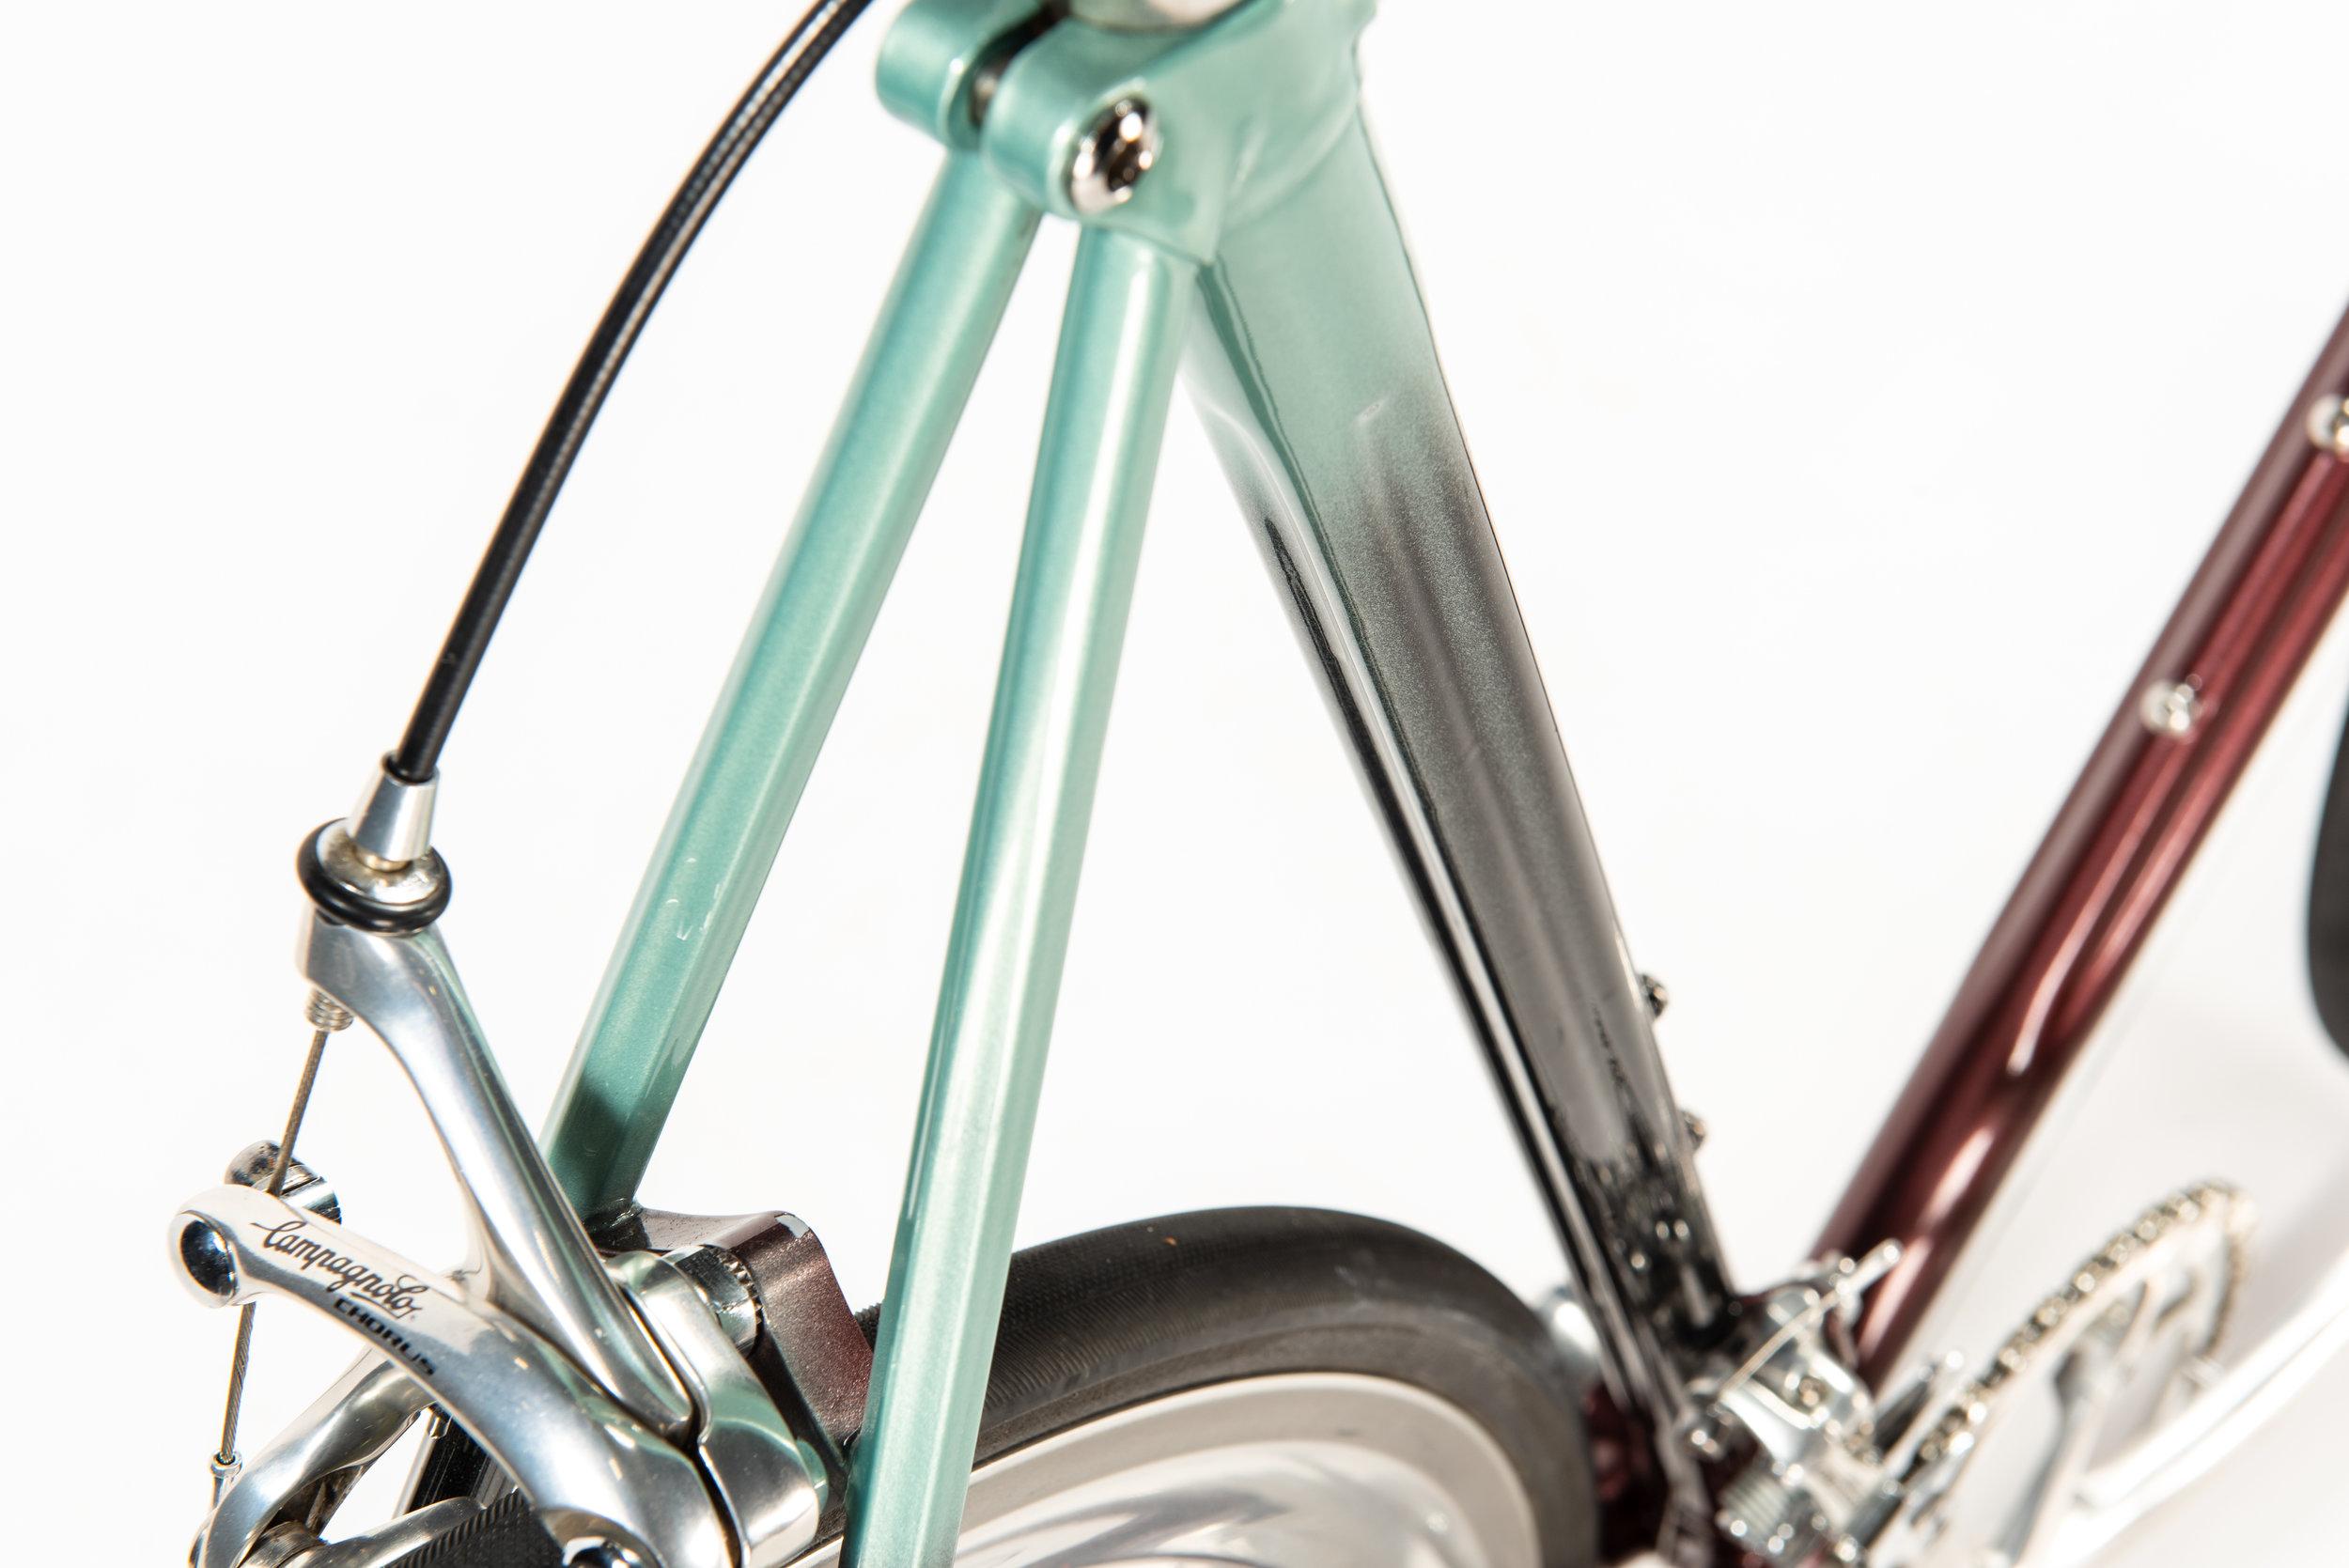 ar_cycles_nahbs2019-bq-2.jpg